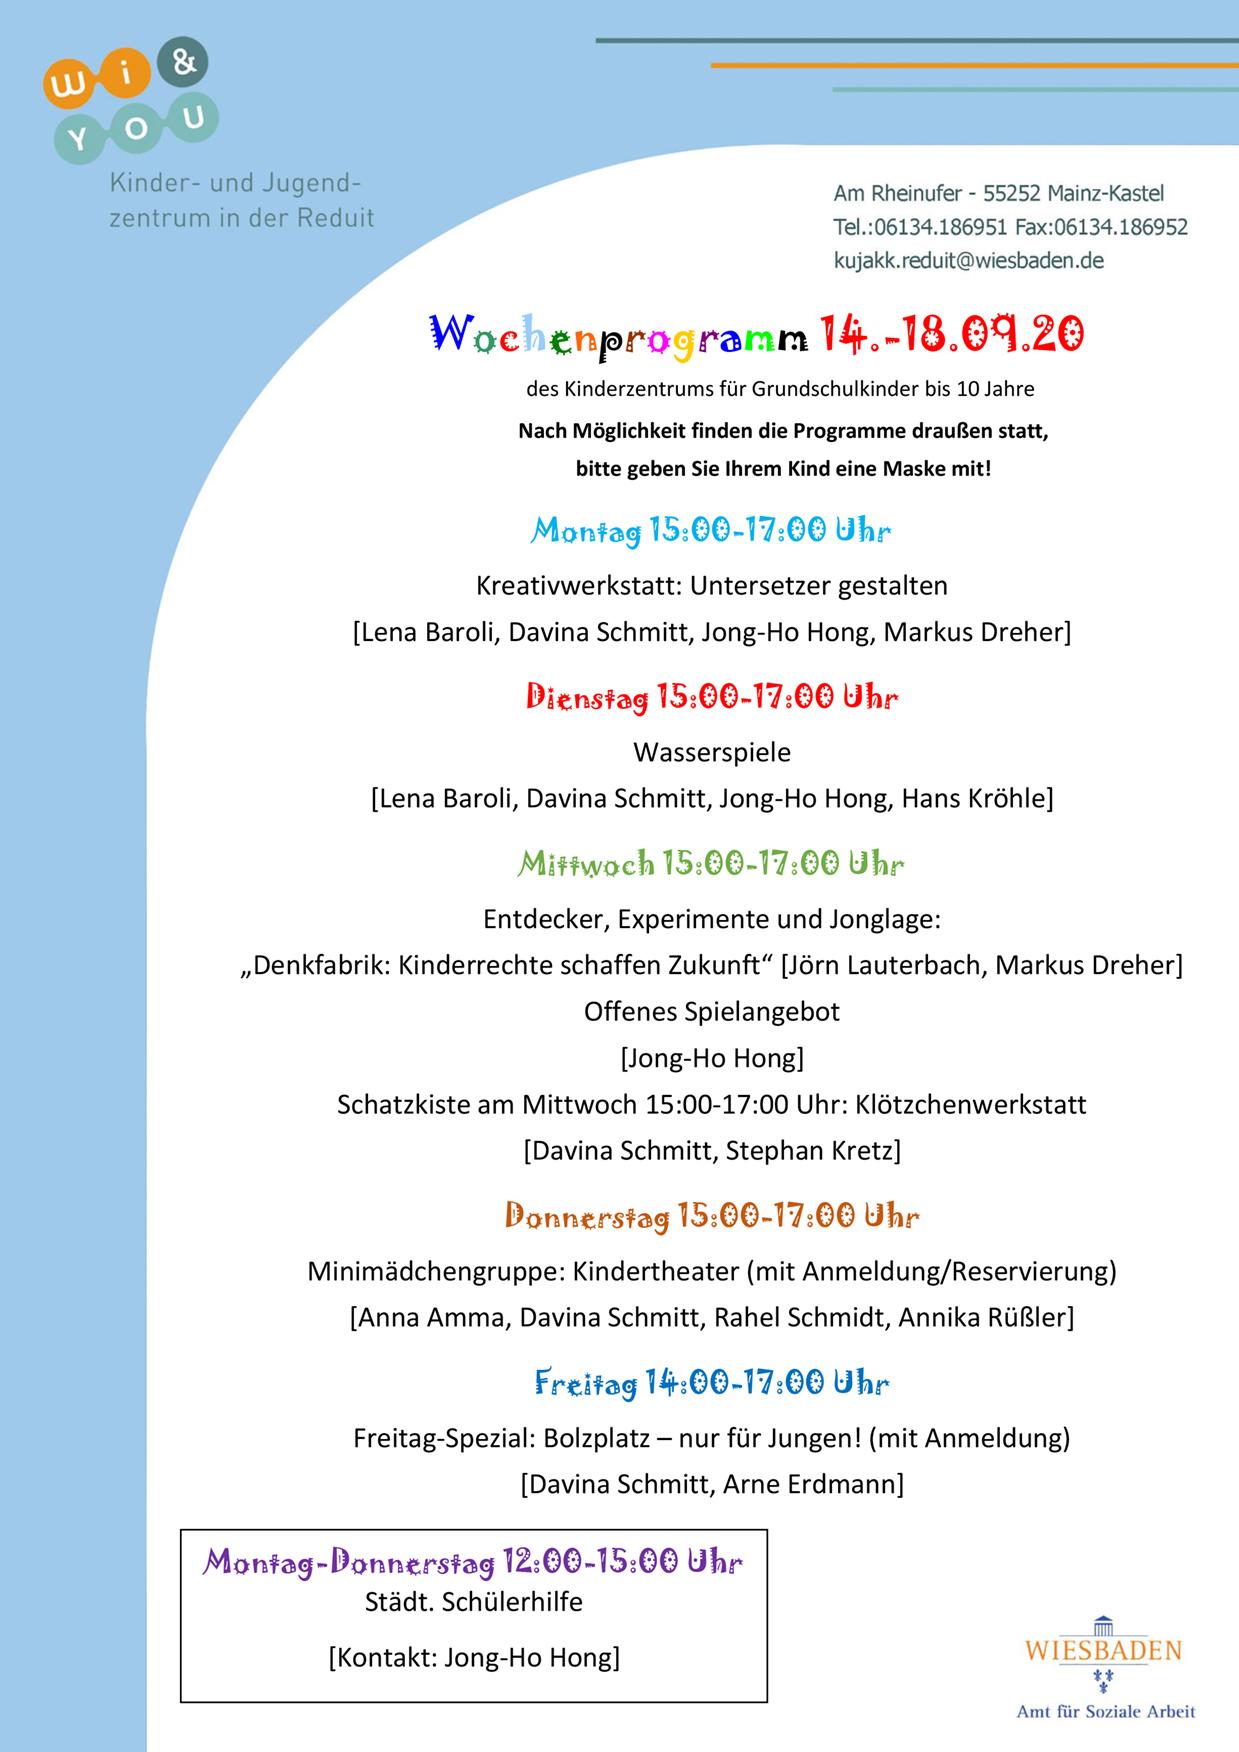 Wochenprogramm vom 14. bis 18. September 2020 des Kinderzentrums für Grundschulkinder bis 10 Jahre . kujakk . Kinder- und Jugendzentrum in der Reduit . Mainz-Kastel